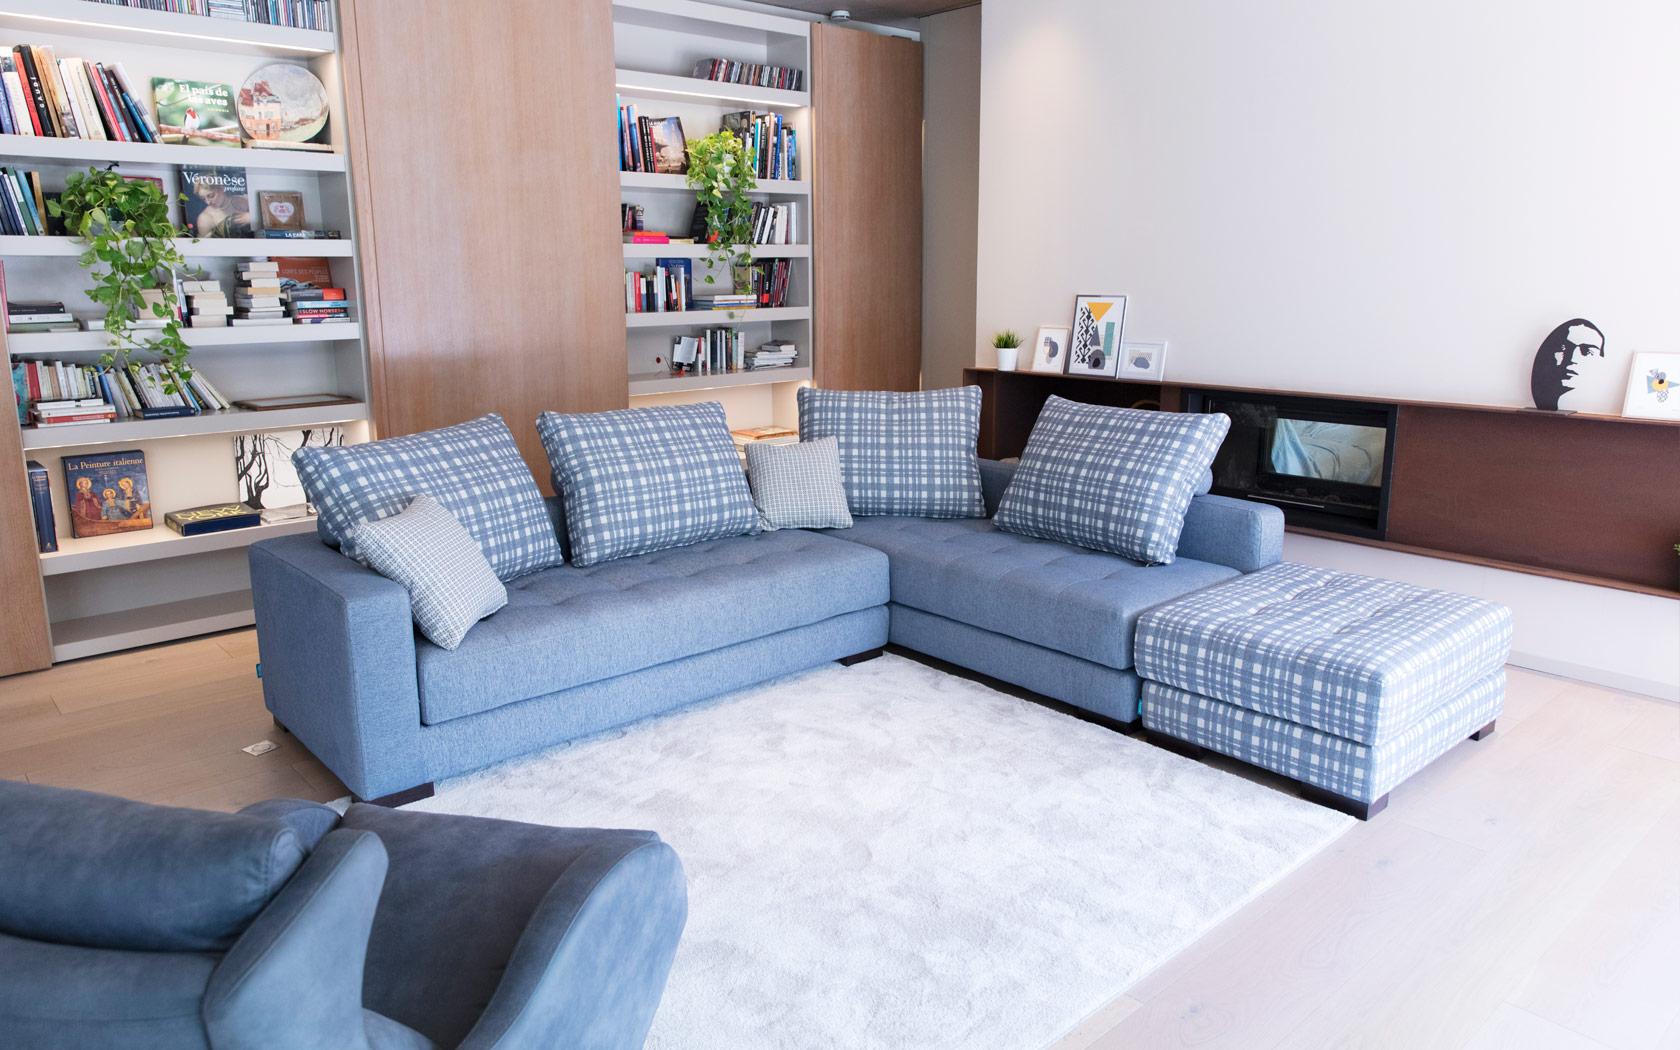 Manacor sofa Fama 2020 07